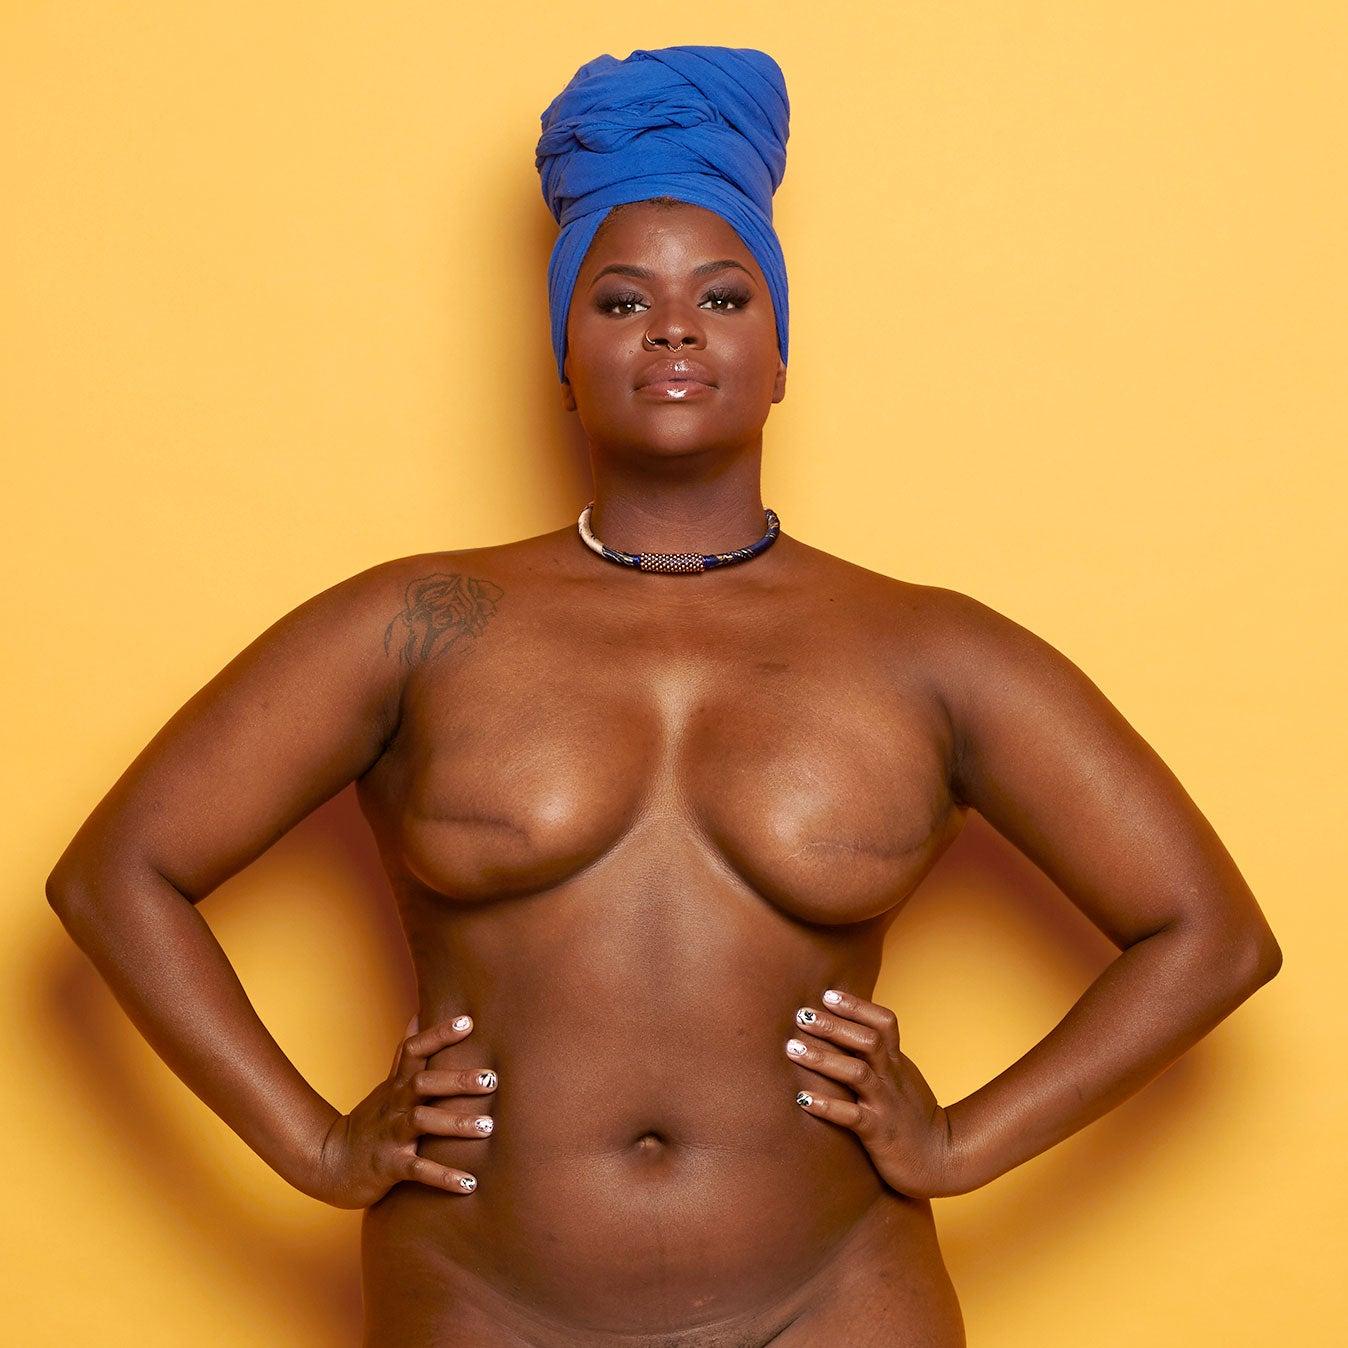 women-of-survivor-boobs